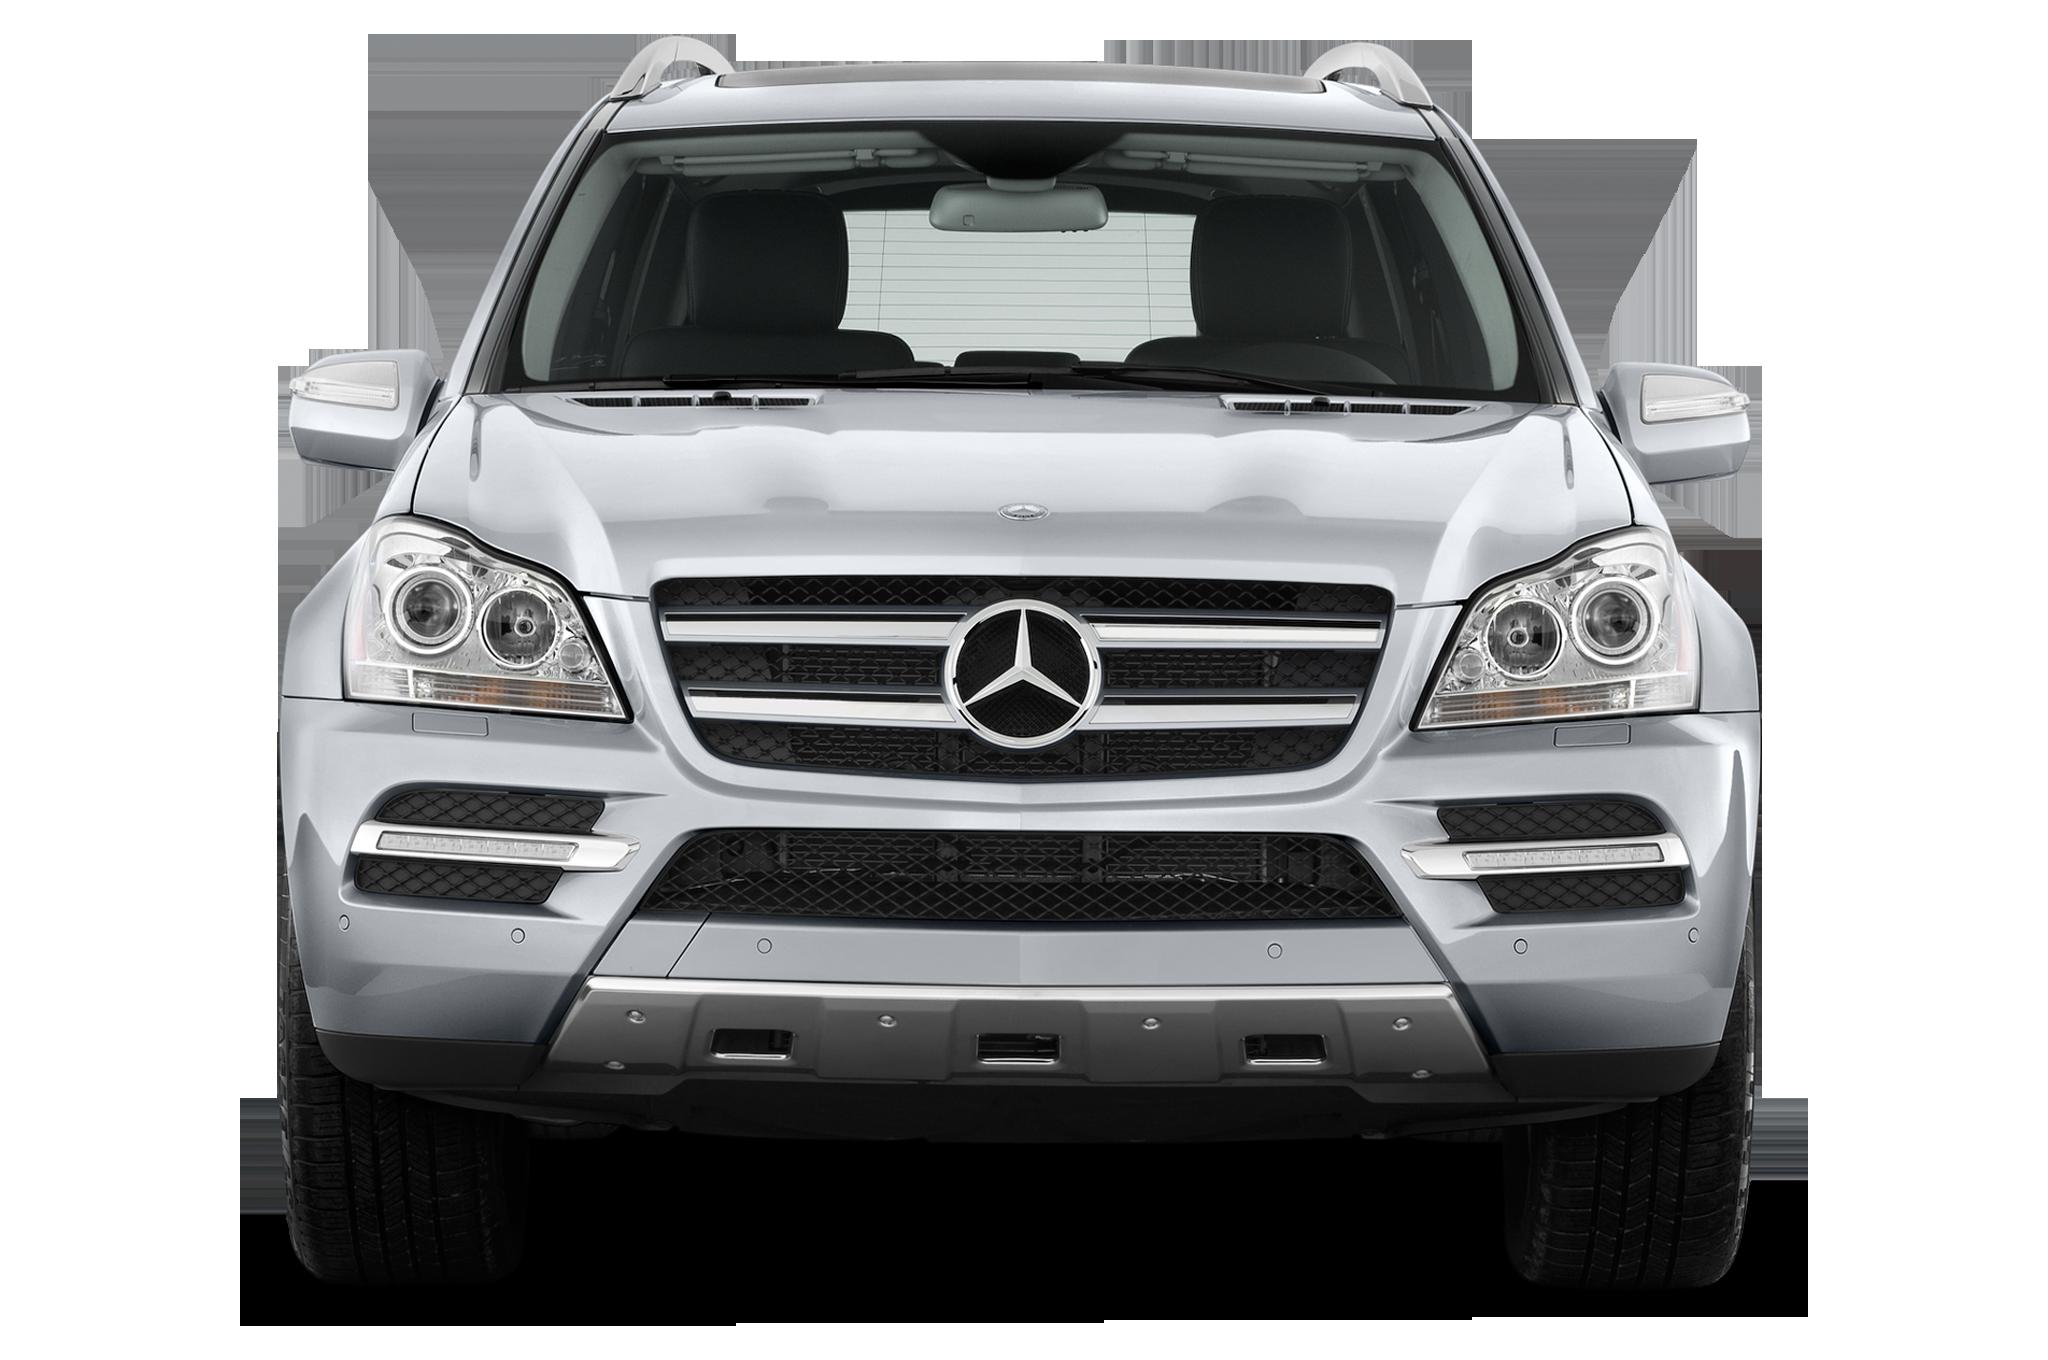 Mercedes-Benz GL-klasse AMG 2012 - 2016 SUV 5 door #2